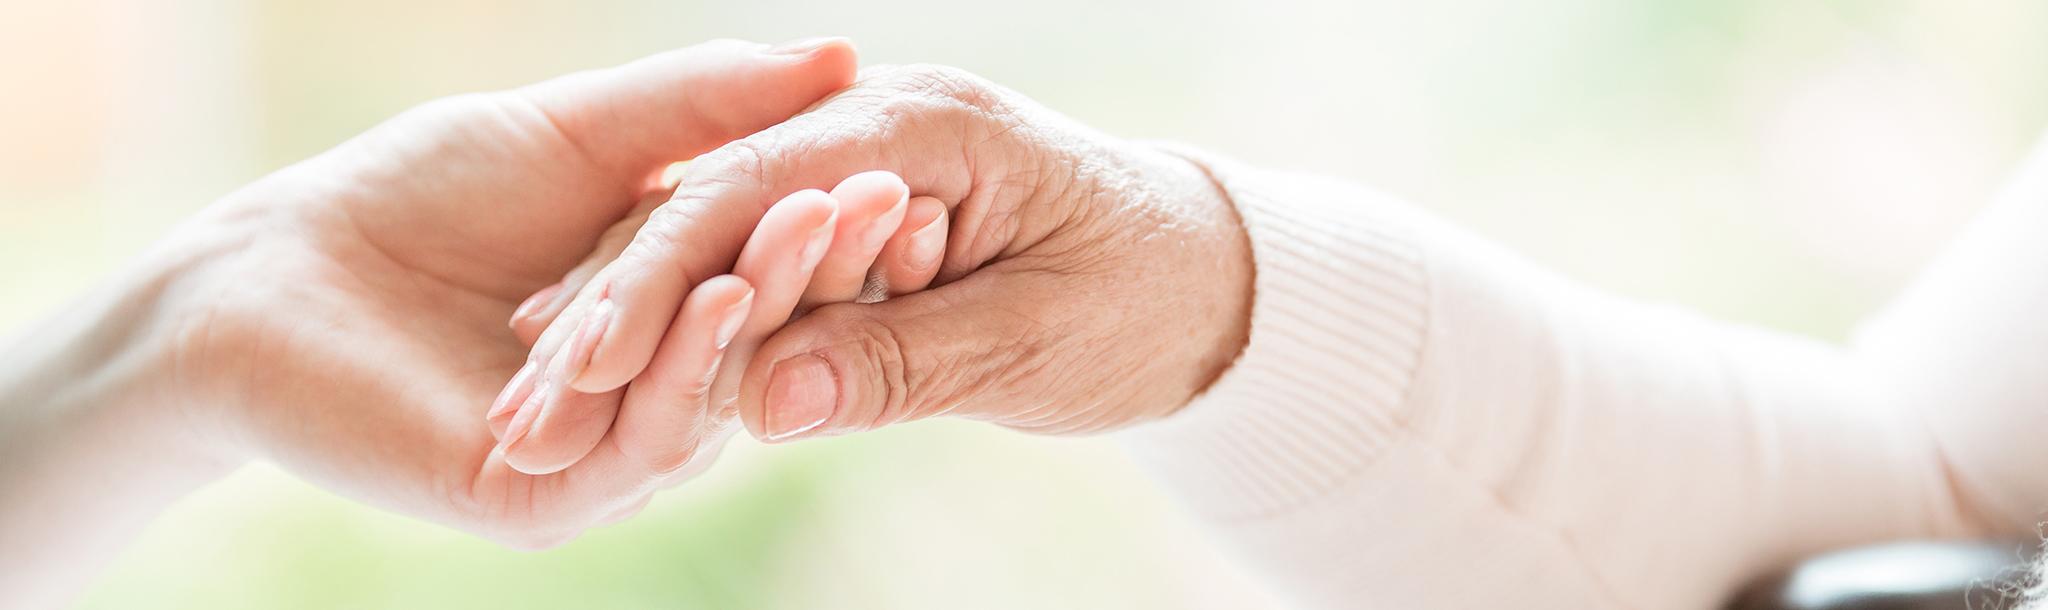 Jobs Ambulanter Pflegedienst Tittling - Ihr ambulanter Pflegedienst für Tittling und Umgebung